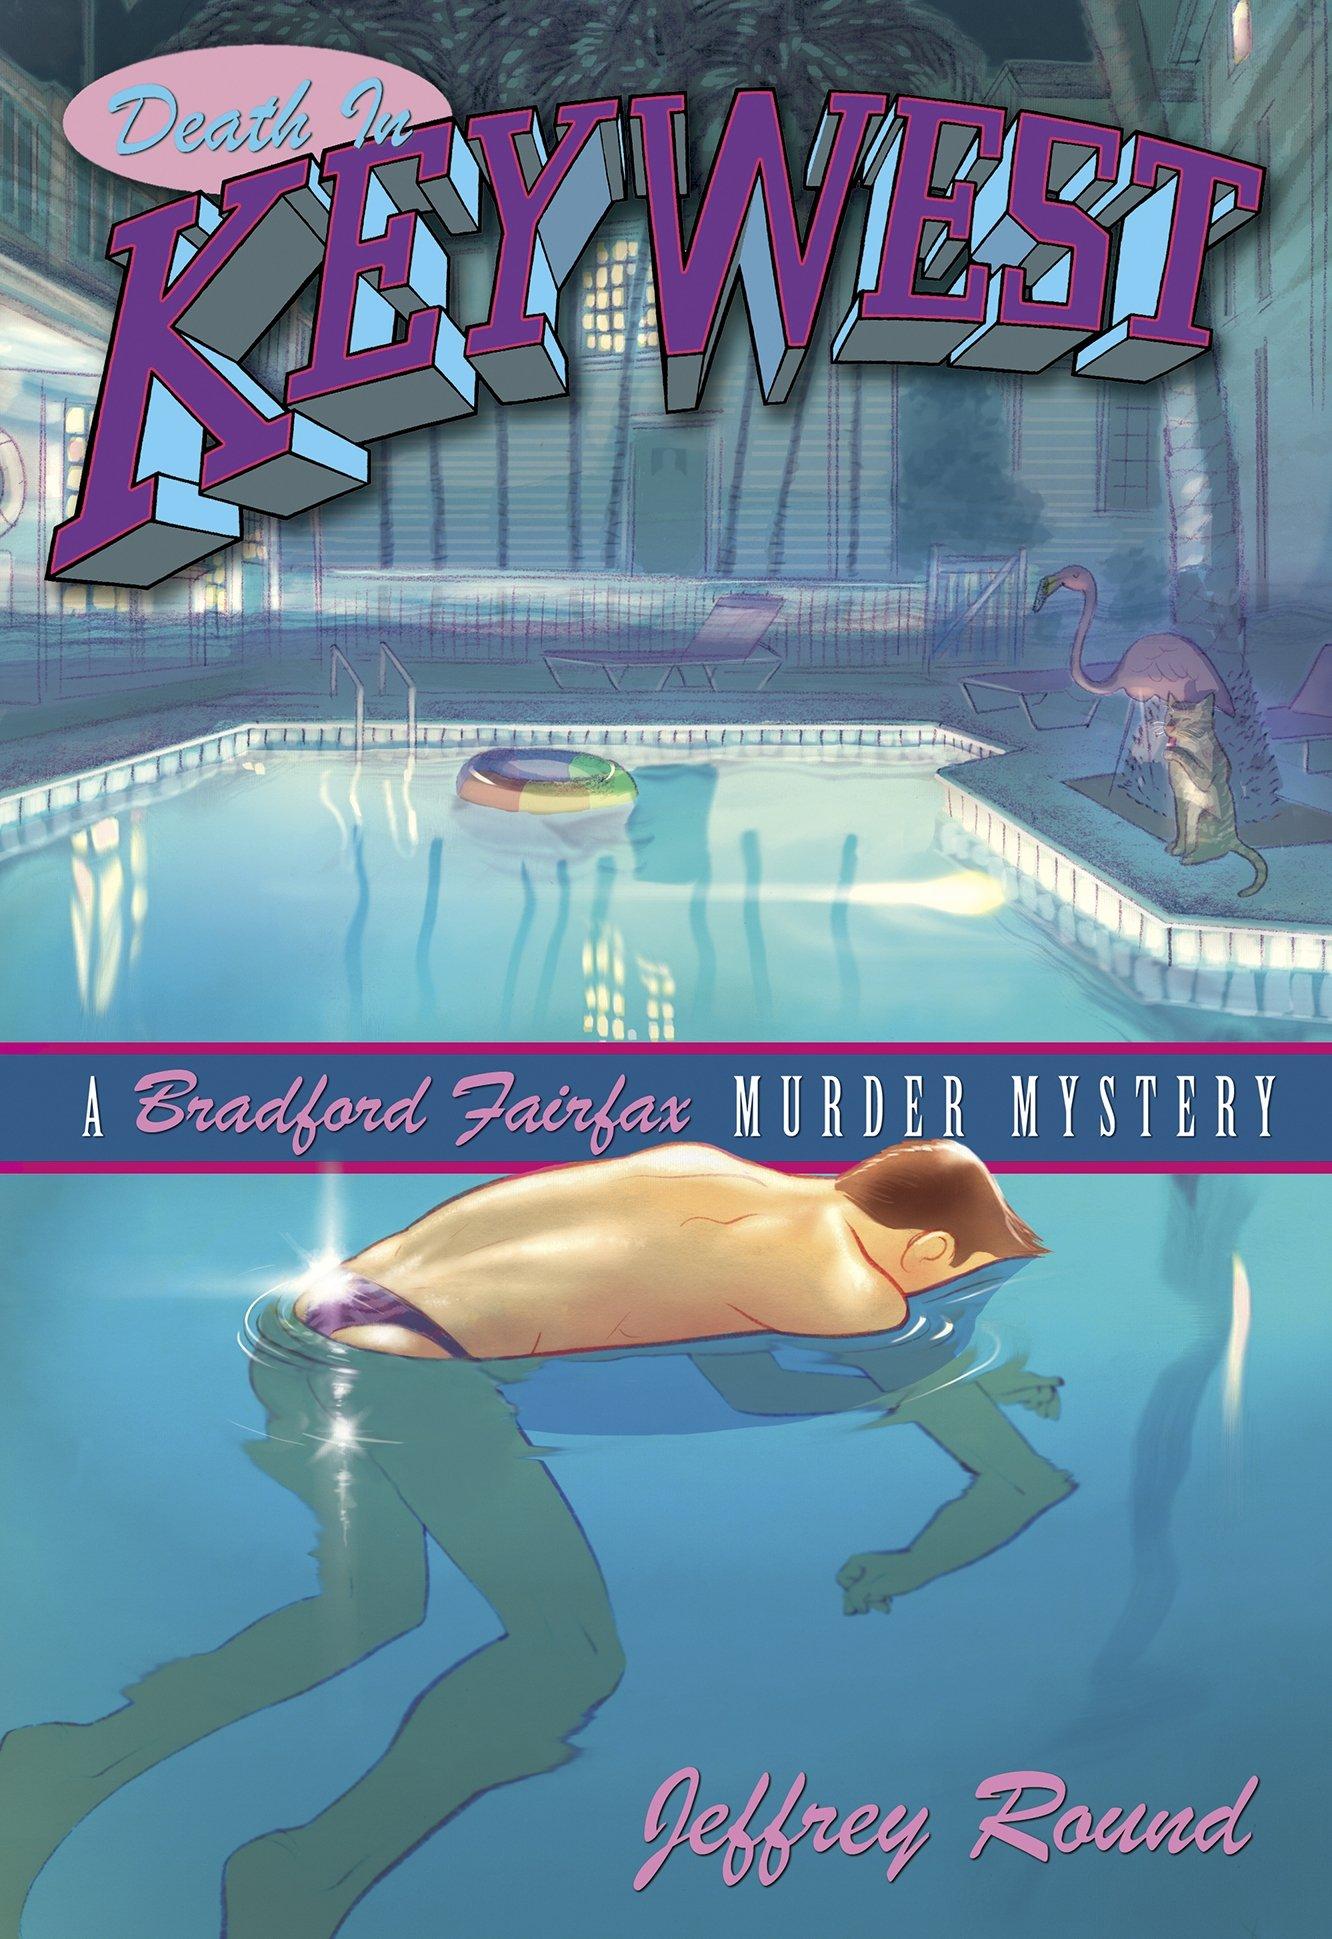 Death in Key West: A Bradford Fairfax Murder Mystery (Bradford Fairfax Murder Mysteries) by Cormorant Books Inc